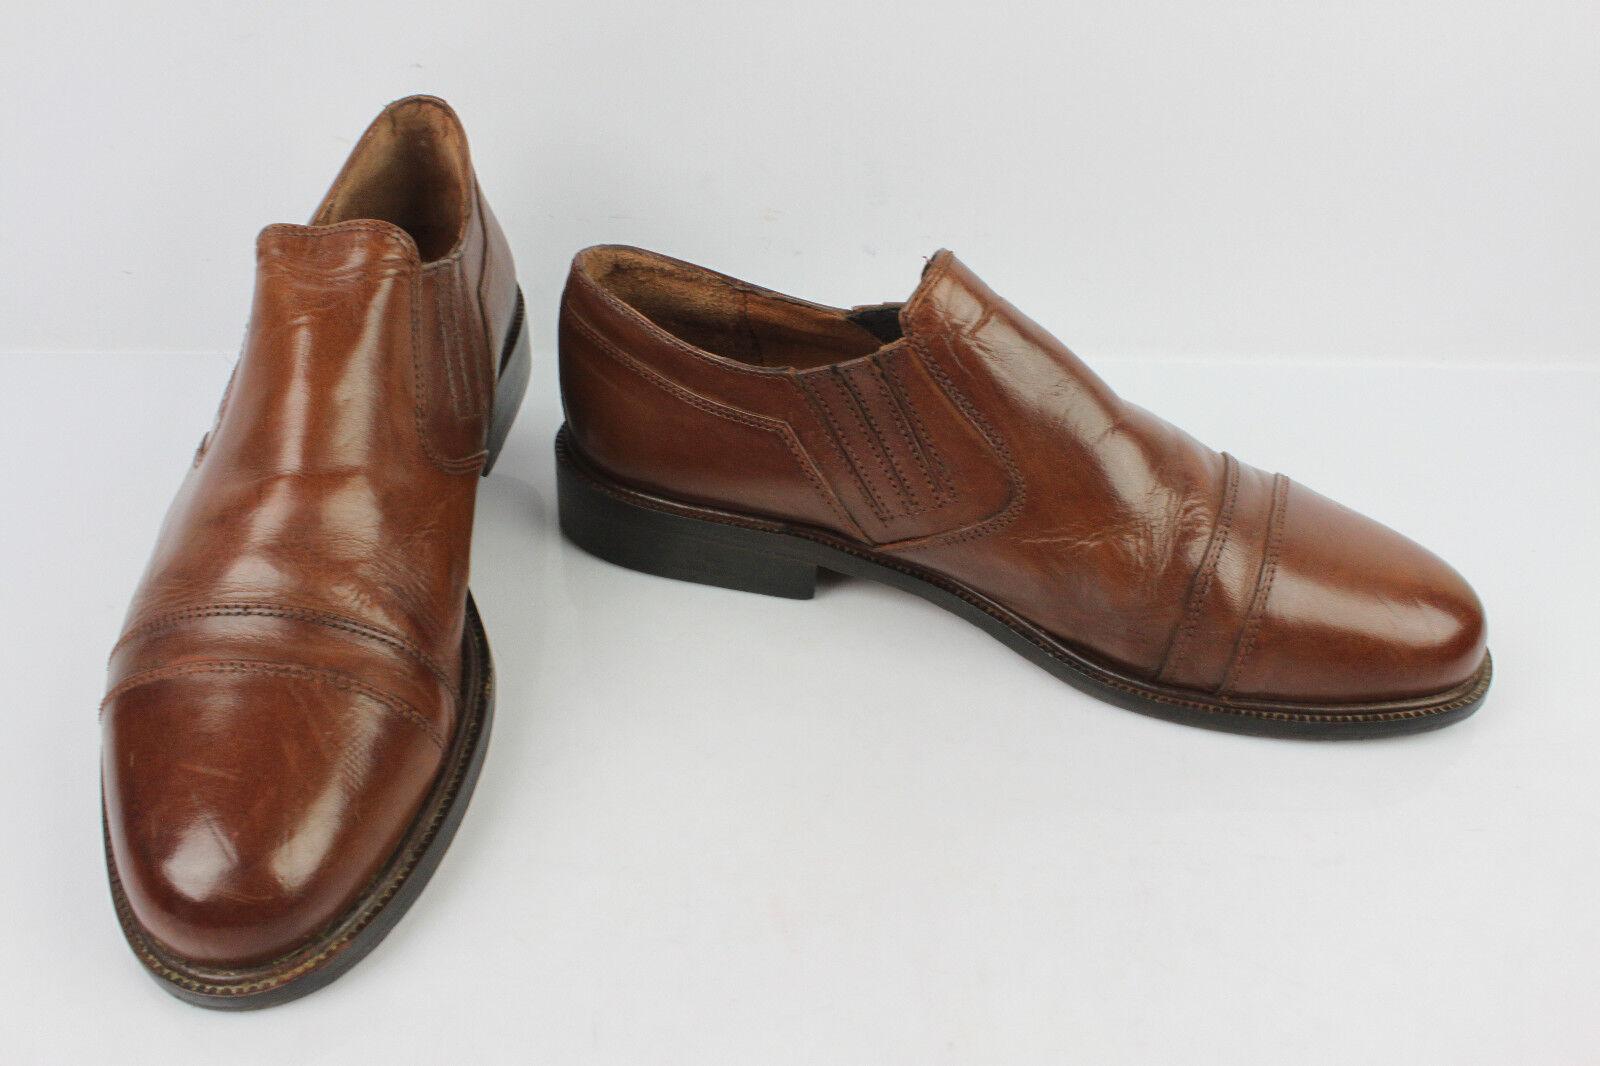 Los últimos zapatos de descuento para hombres y mujeres Mocassins Derby BARTOLLINI Tout Cuir Marron T 43 TBE